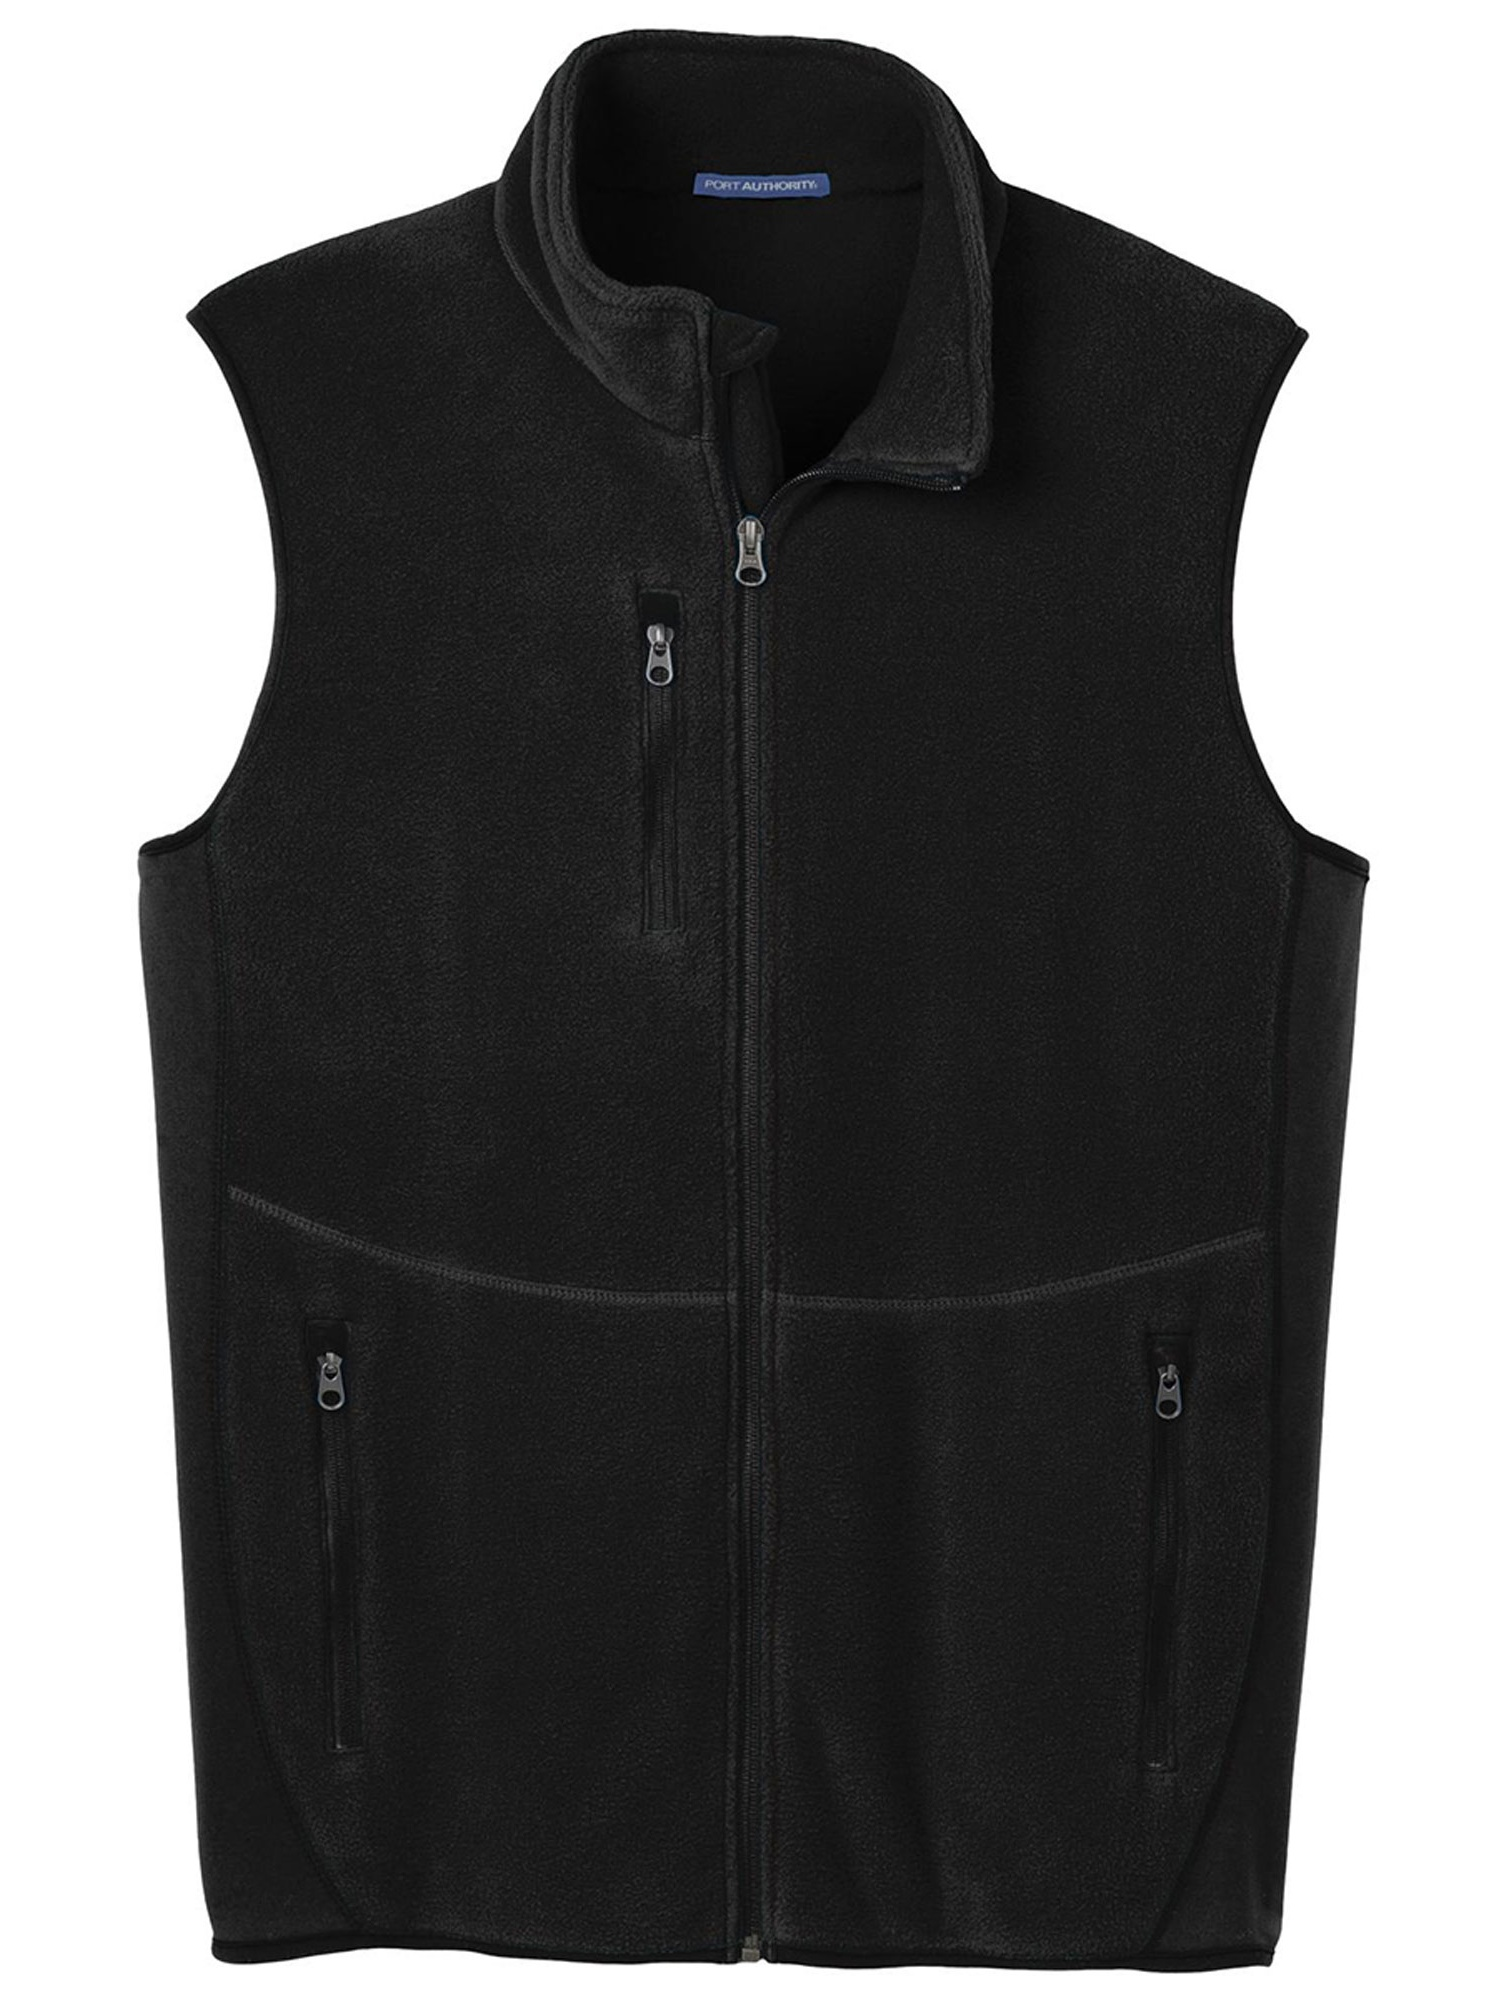 45aefee8fa55 Port Authority - Port Authority Men s Warmth Full-Zip Fleece Vest -  Walmart.com